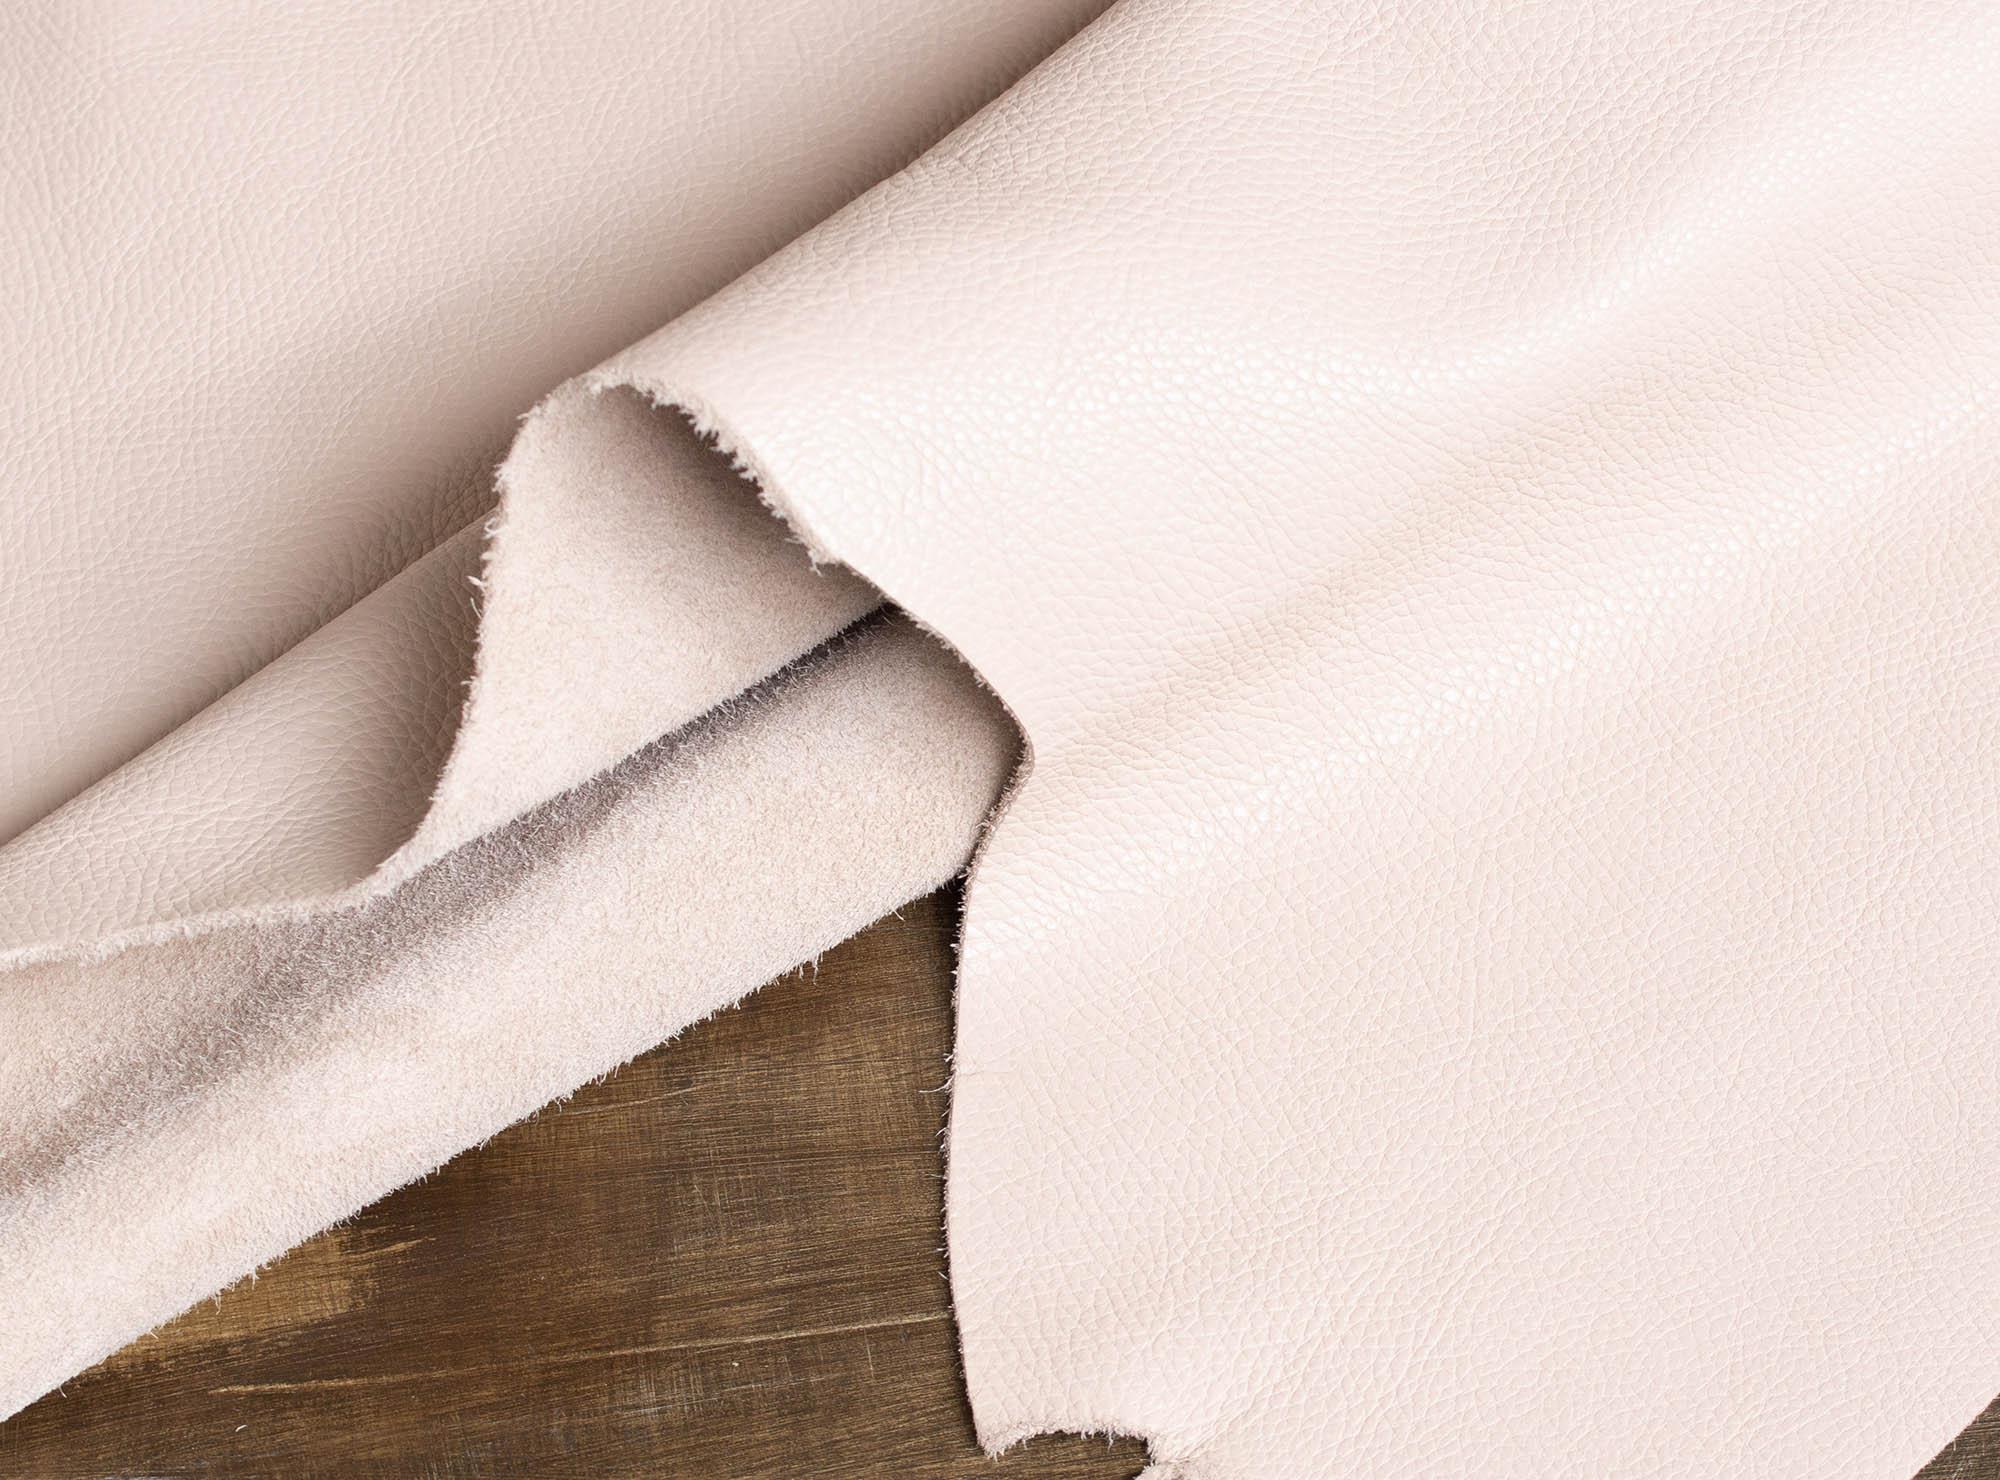 アリアナシリーズの革紹介|エレガントで上品な艶感と深みのある濃淡のアンティーク仕上げ